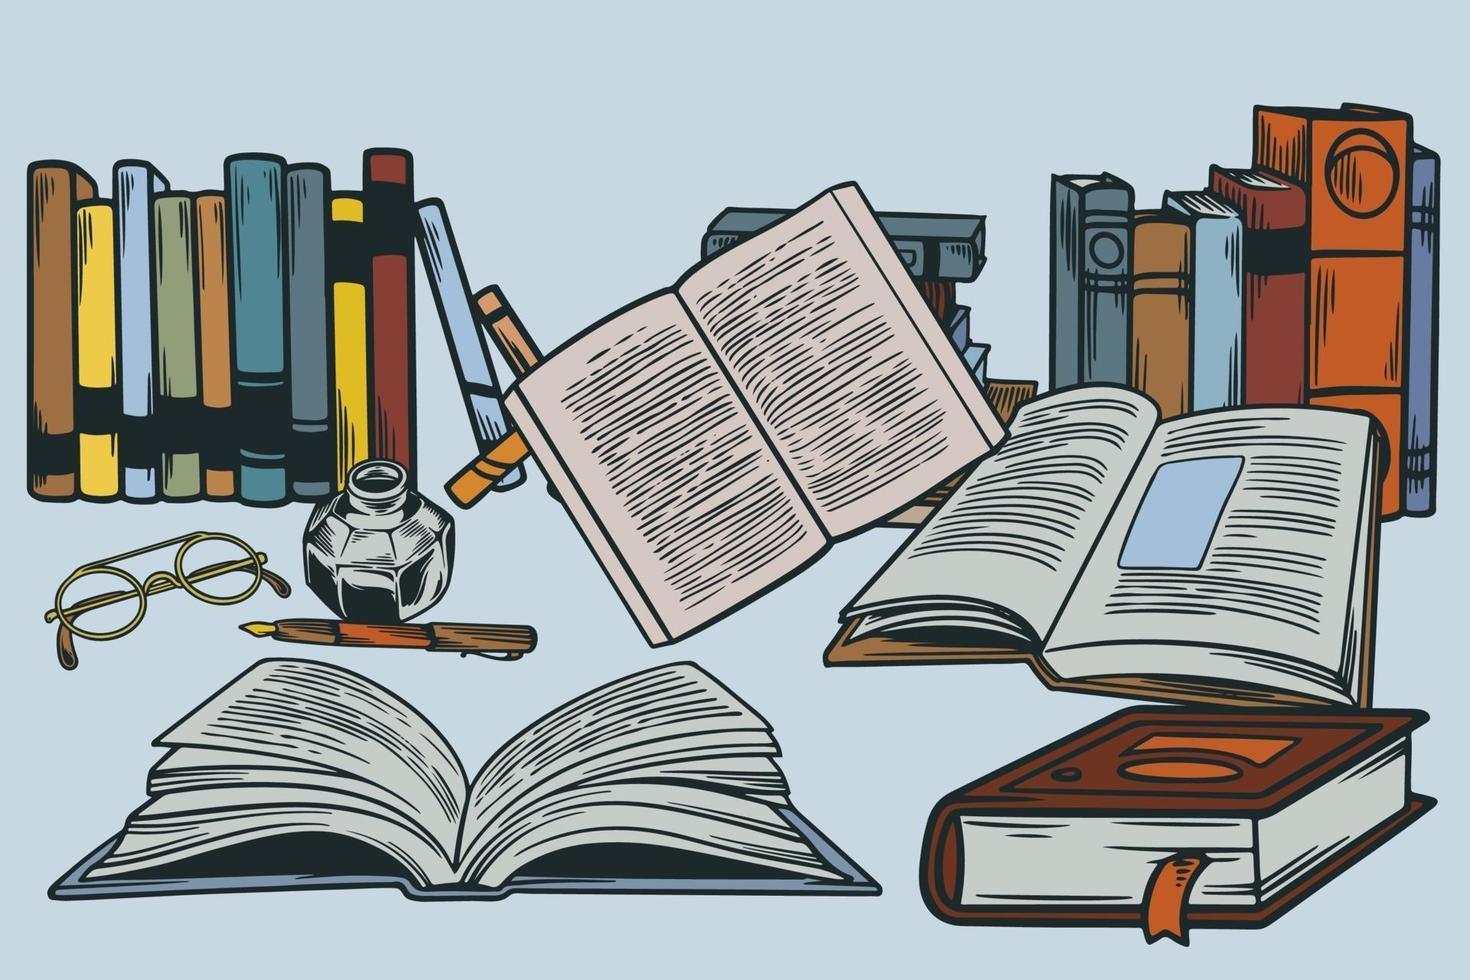 définir un croquis de piles de livres avec des lunettes, un stylo et un stylo à encre. pile de livre rétro avec des pages ouvertes et un stylo ancien et un stylo à encre. illustration vectorielle dessinés à la main pour l'élément de conception de l'éducation vecteur